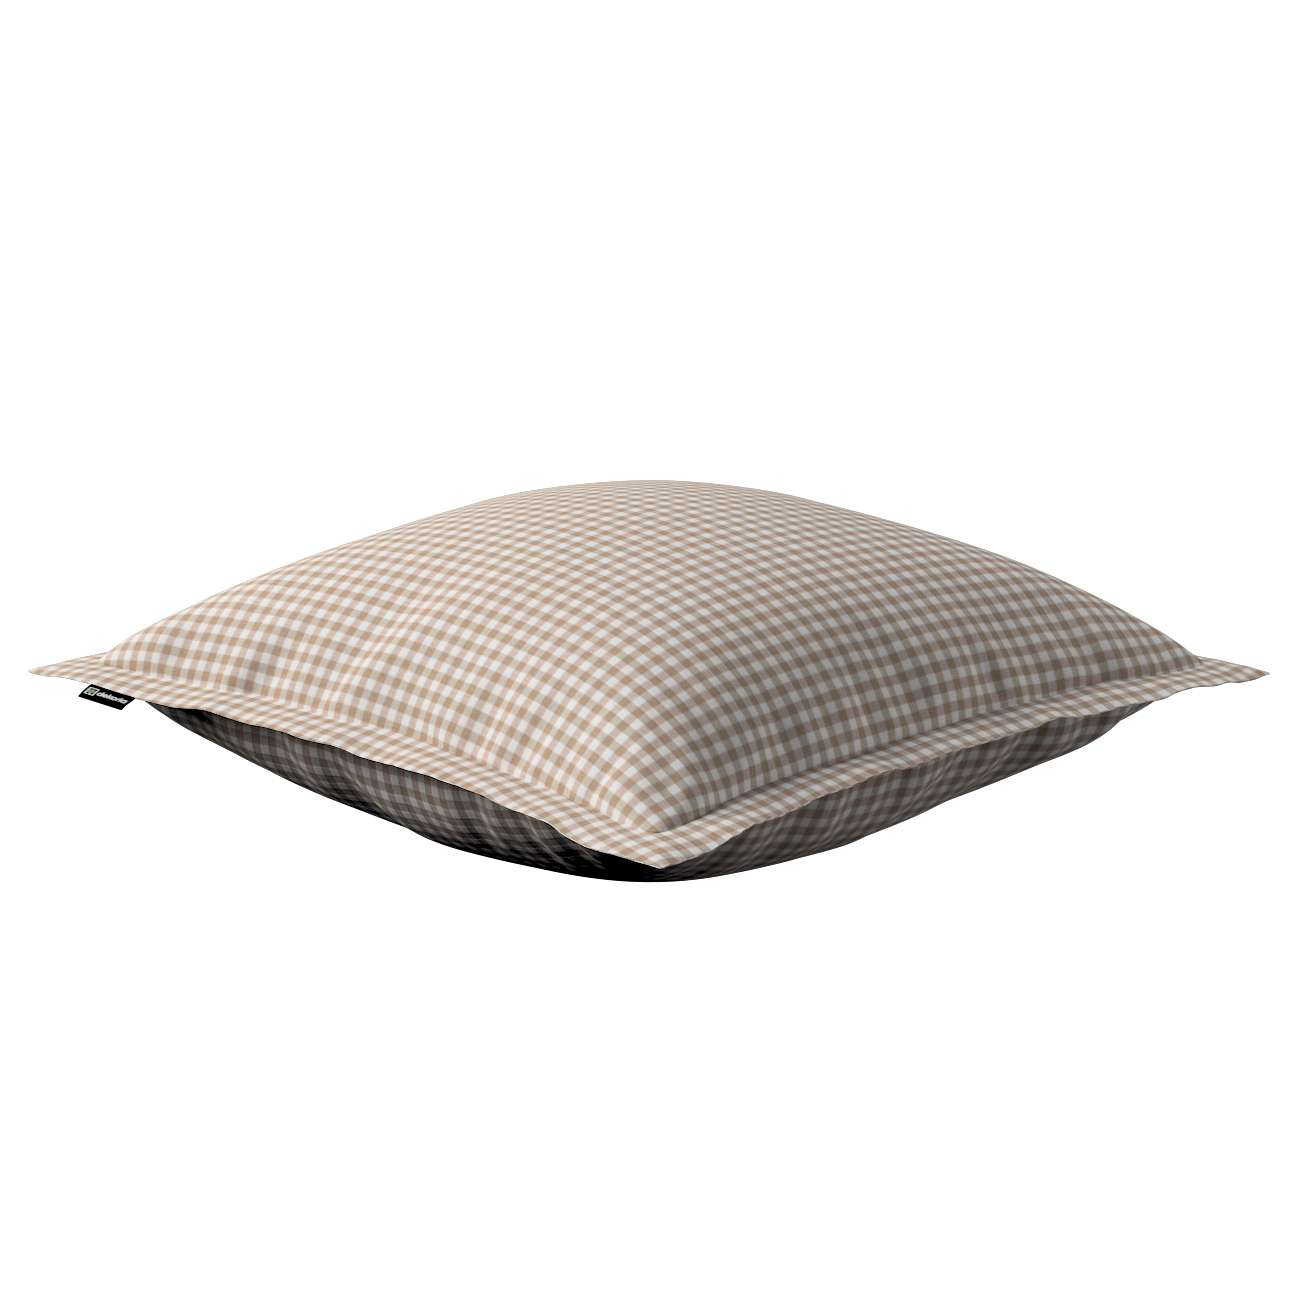 Mona dekoratyvinių pagalvėlių užvalkalas su sienele 45 x 45cm kolekcijoje Quadro, audinys: 136-05